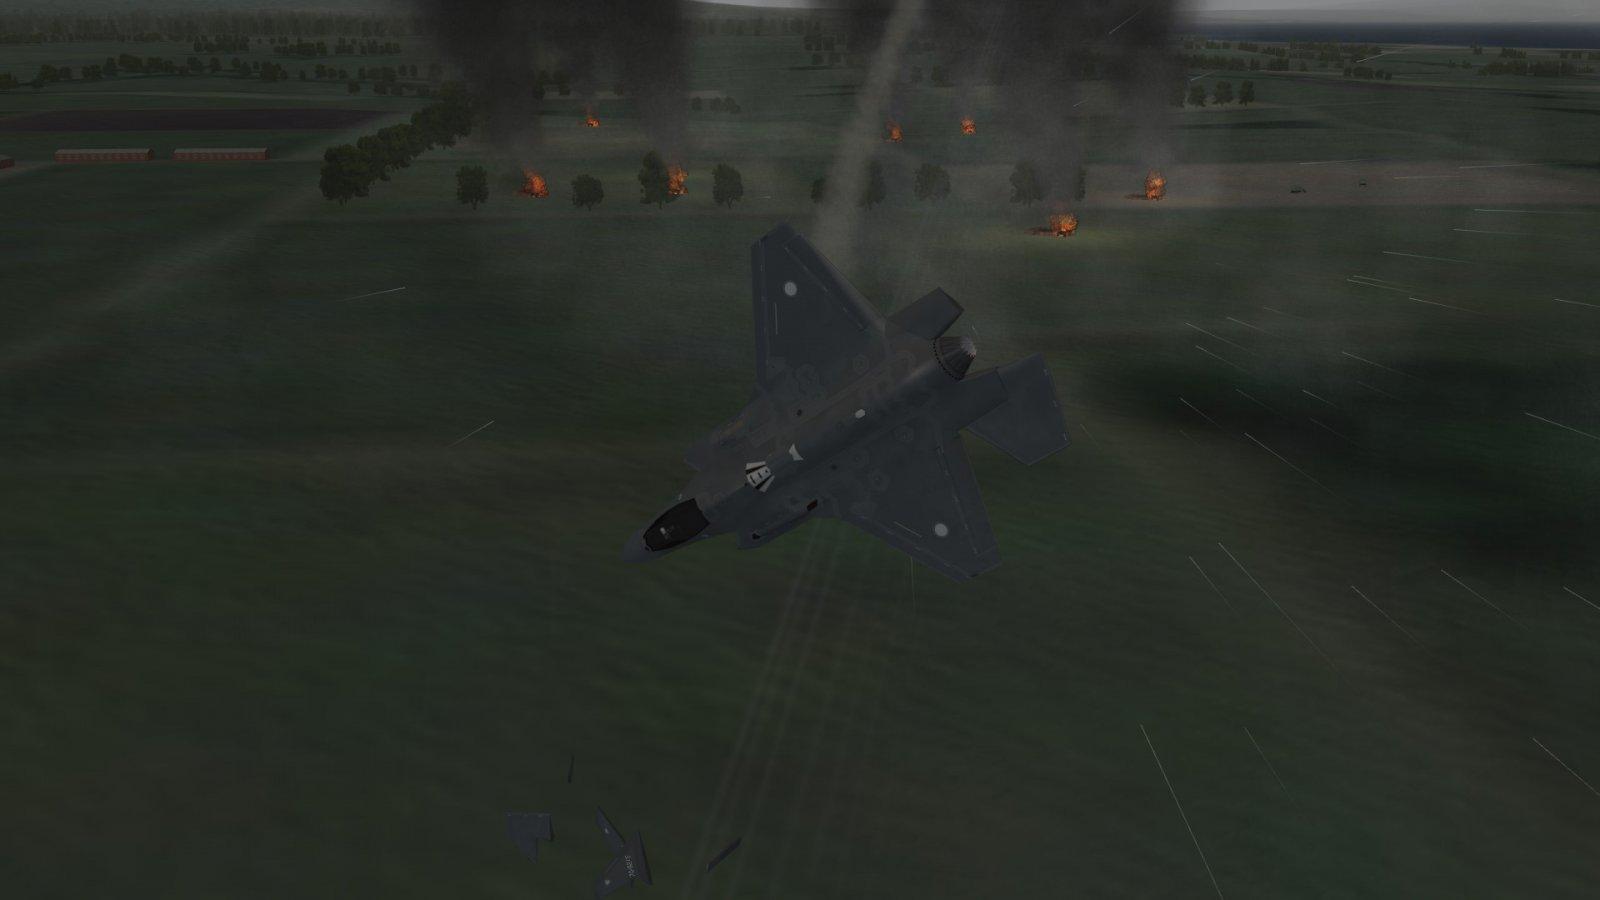 Tumbling F-35A